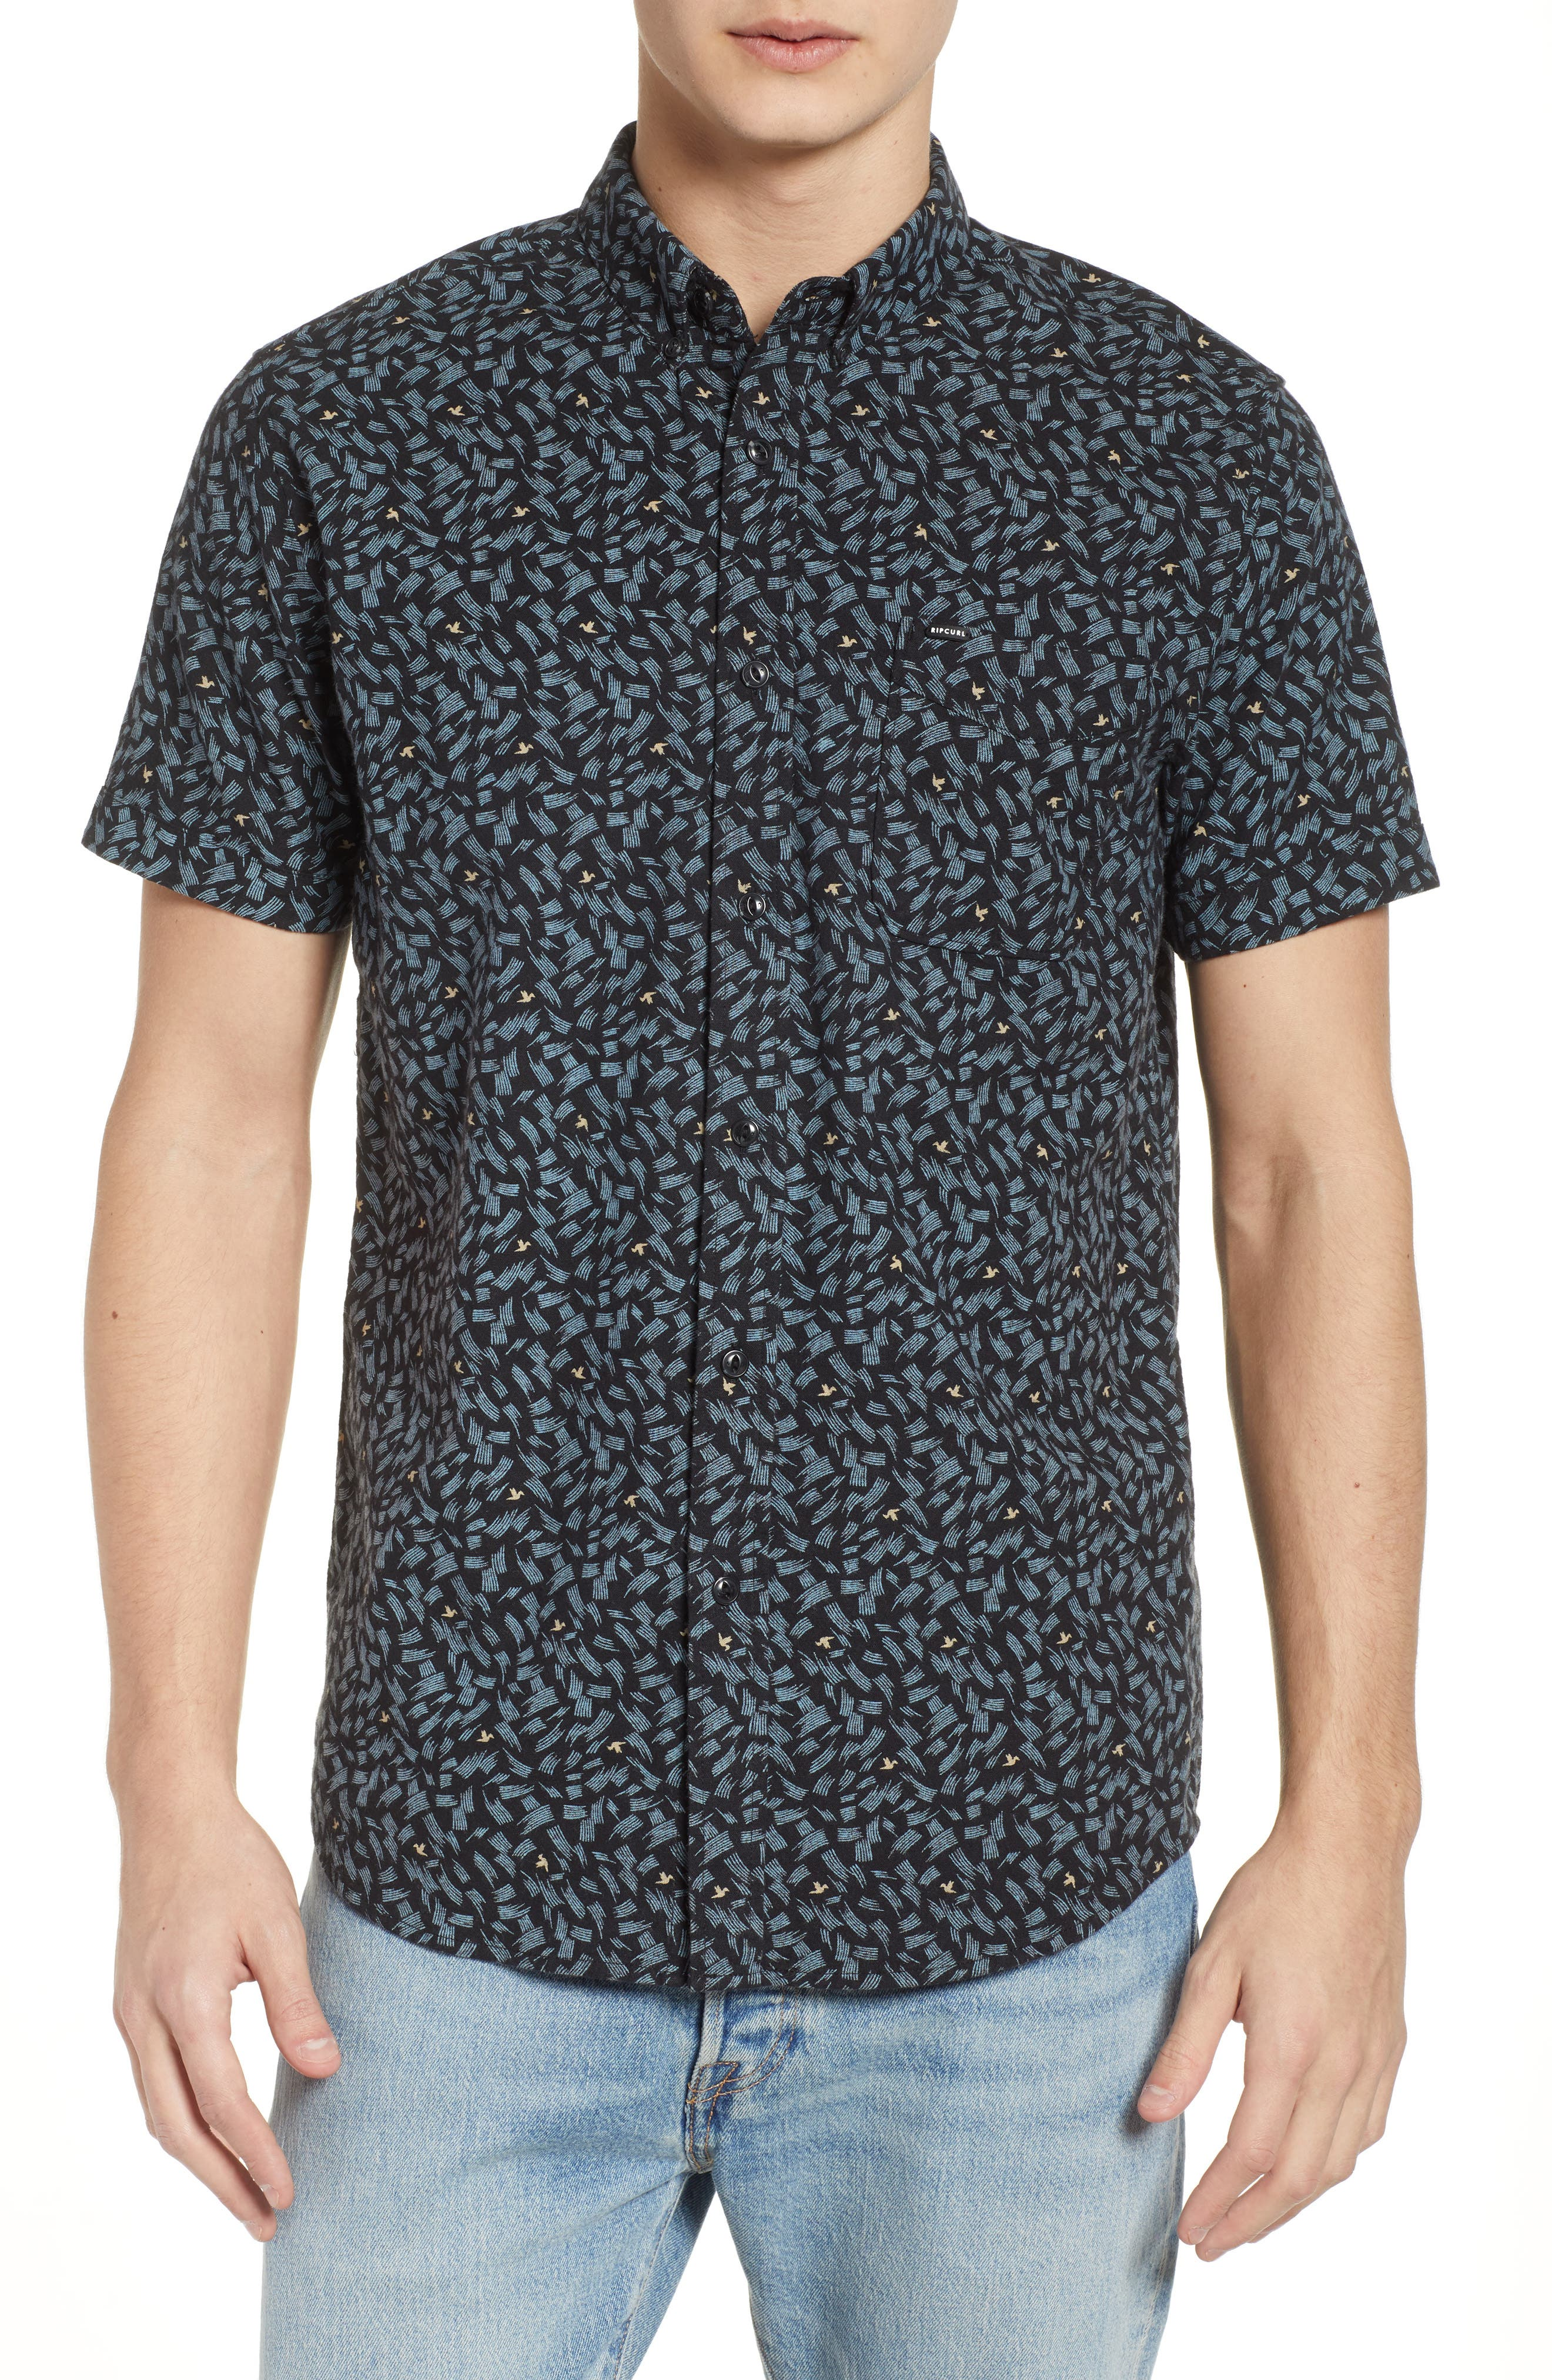 Northern Short Sleeve Shirt,                             Main thumbnail 1, color,                             001